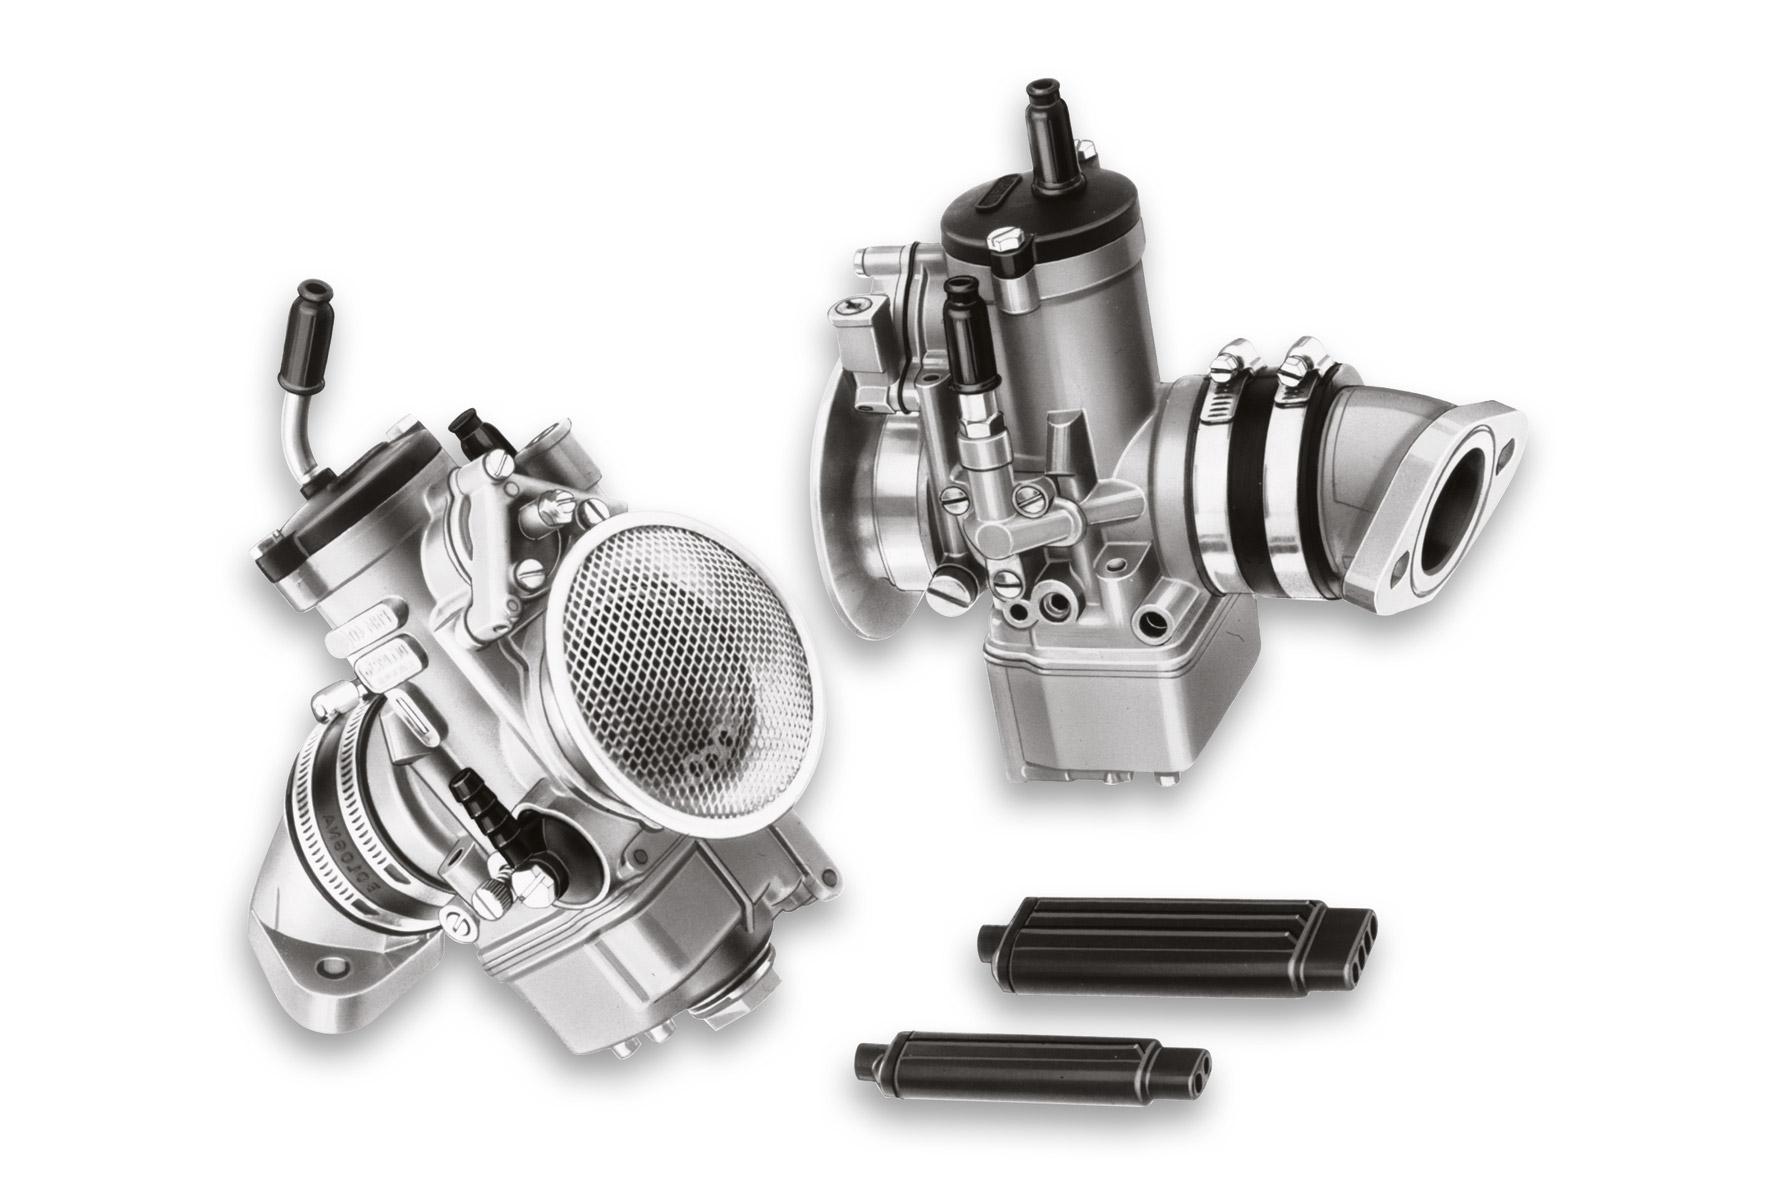 Impianto alimentazione PHM 42 per Ducati Pantah 600 cc - Pantah / SS 900 cc